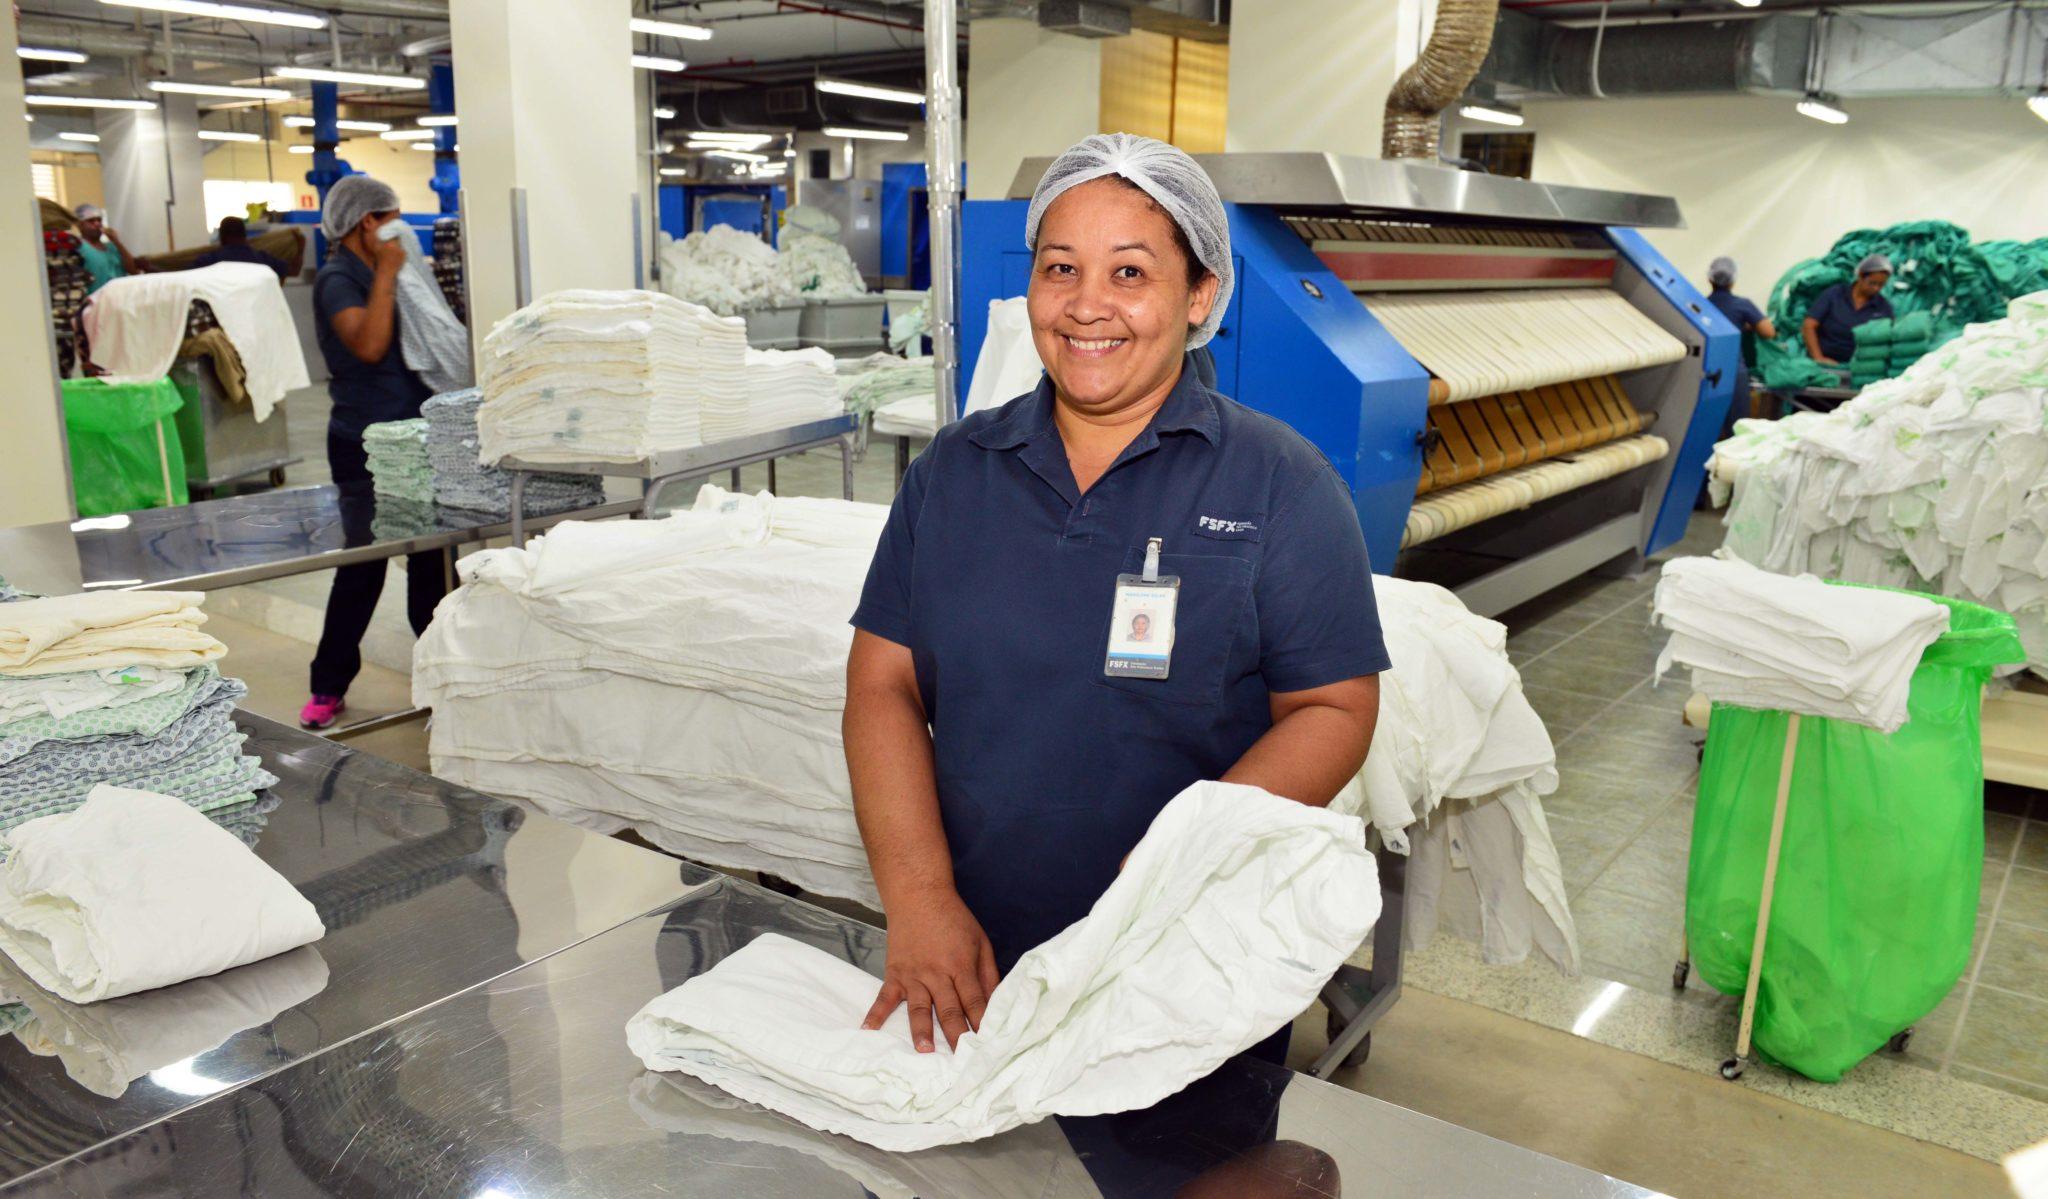 A nova lavanderia do hospital Márcio Cunha ocupa 1 km2 e processa 7 ton/dia (Foto: João Rabêlo)